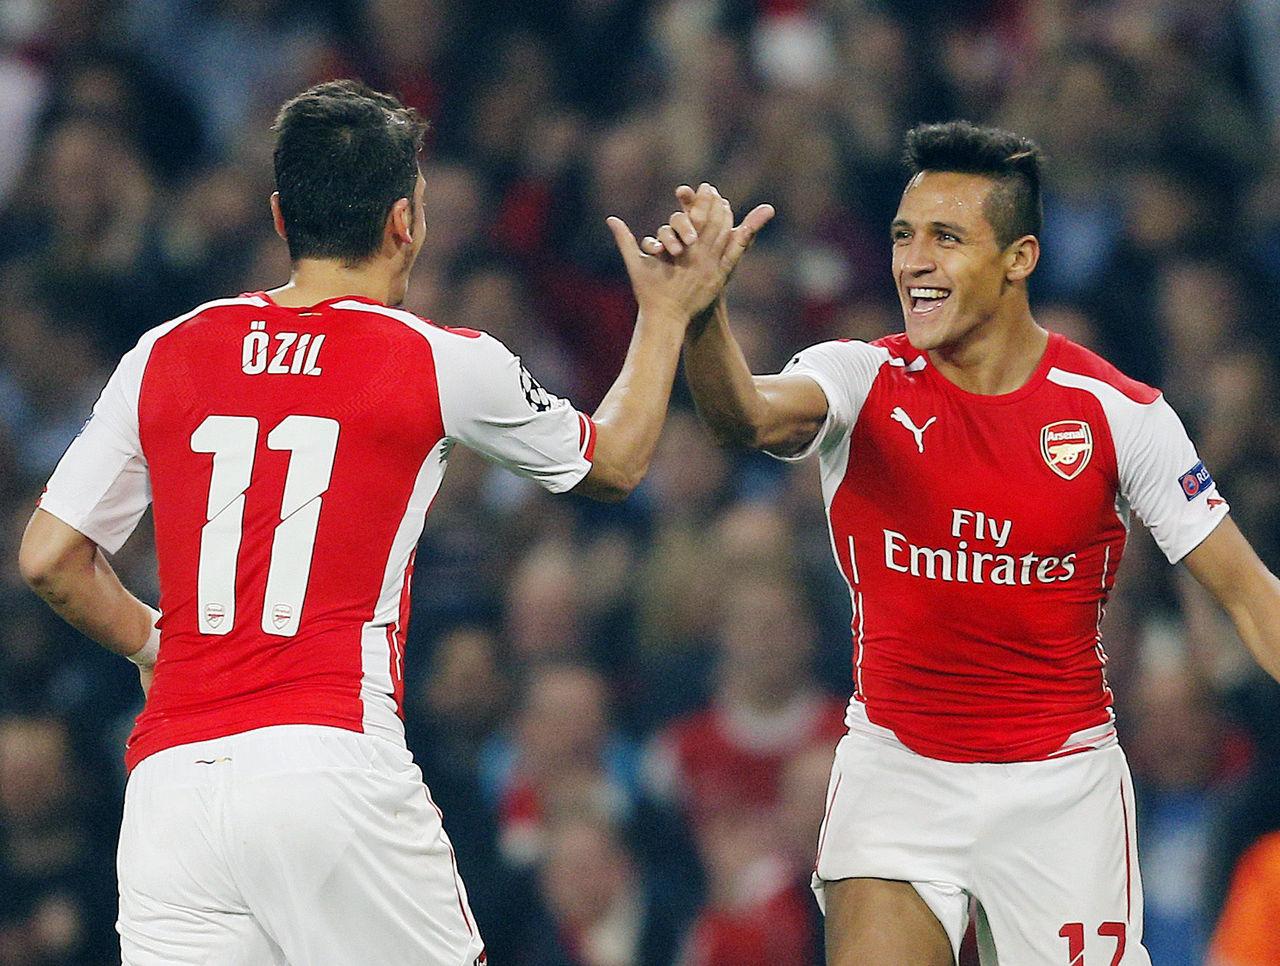 ARSENAL : Sanchez et Özil seront remplacés